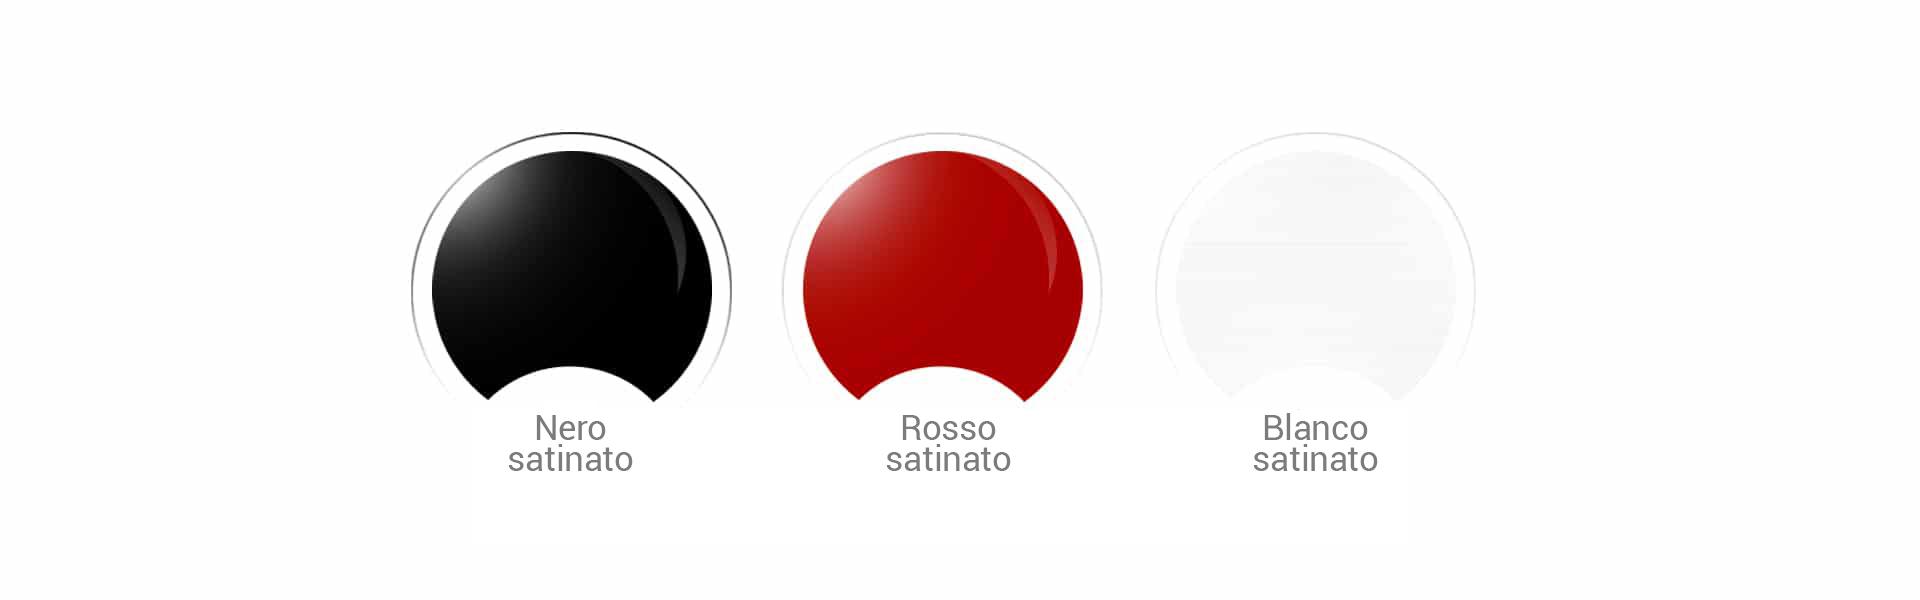 gamme-colors-tilscoot-shop-it